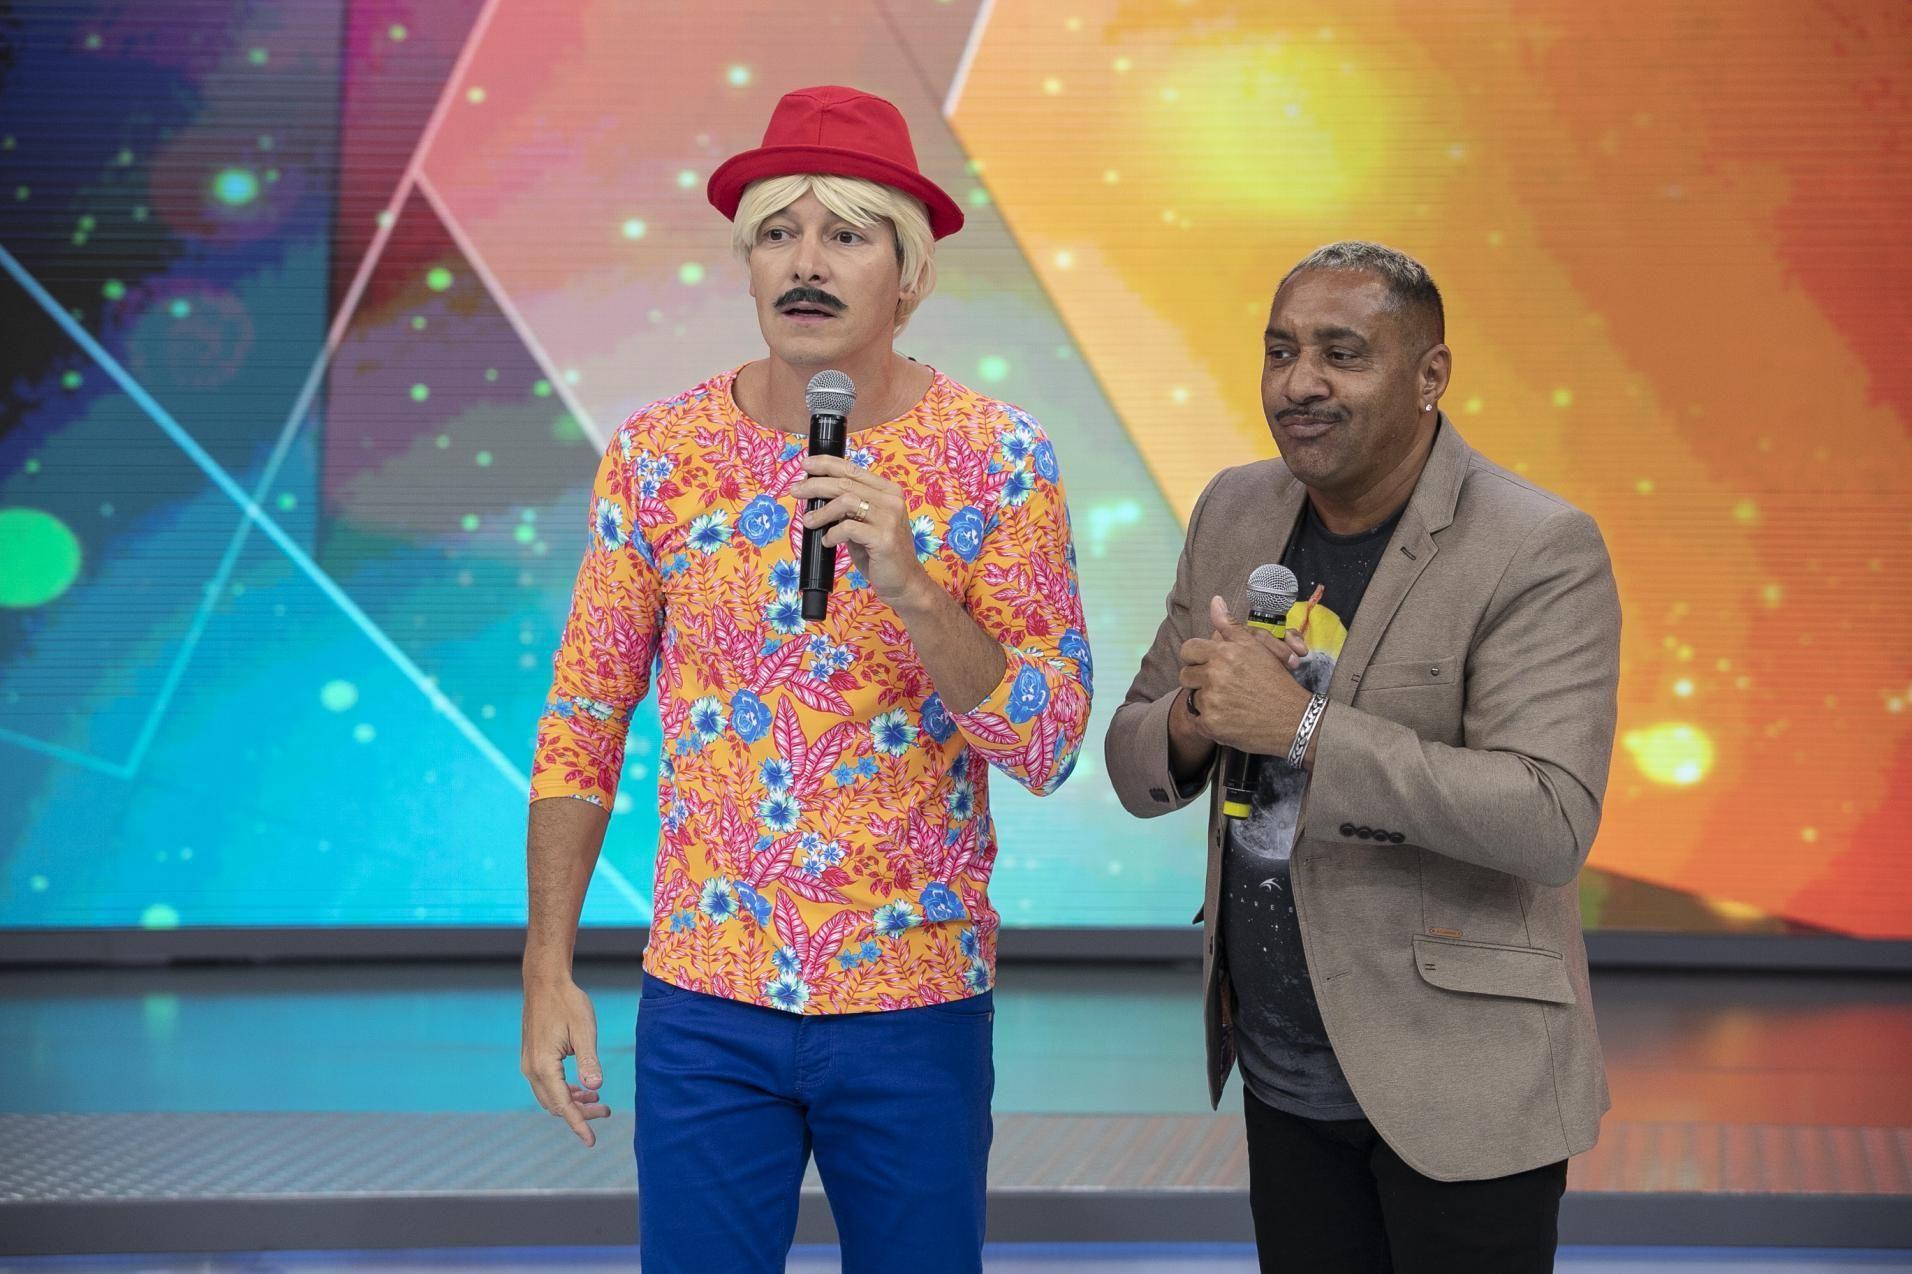 Foto: Edu Moraes/Record TV/Divulgação